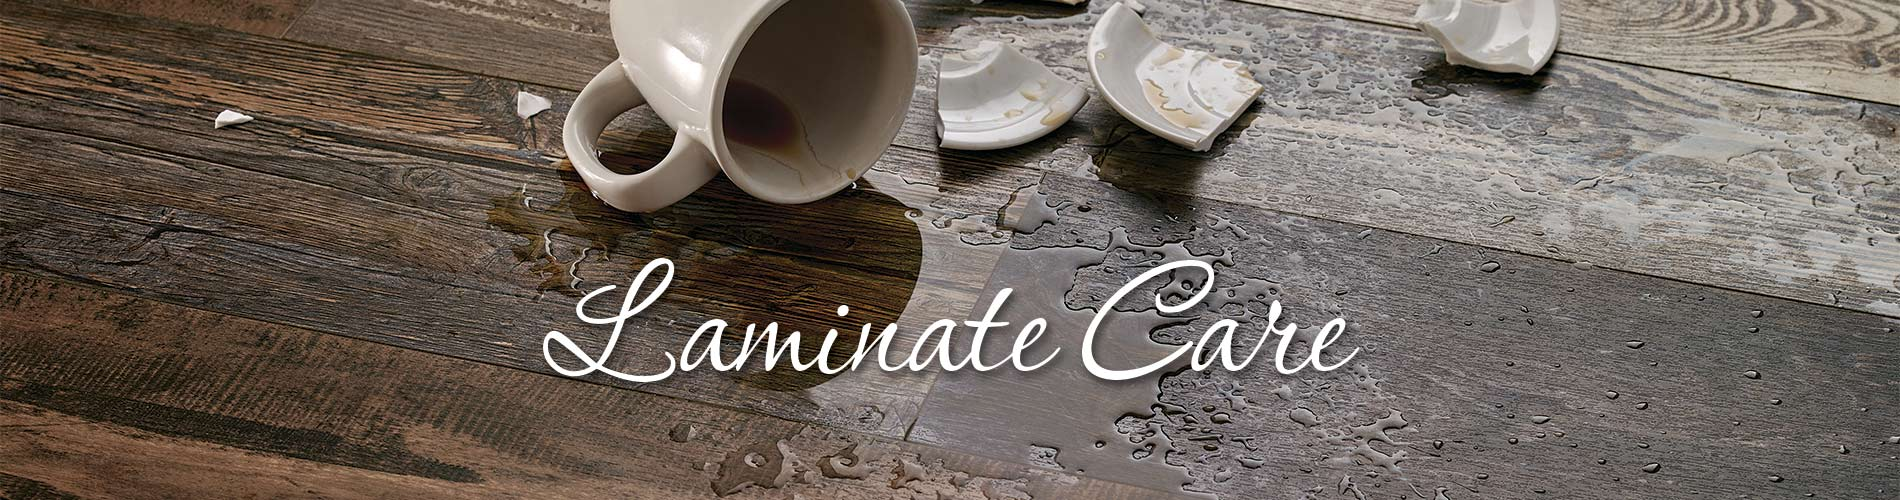 Laminate Care